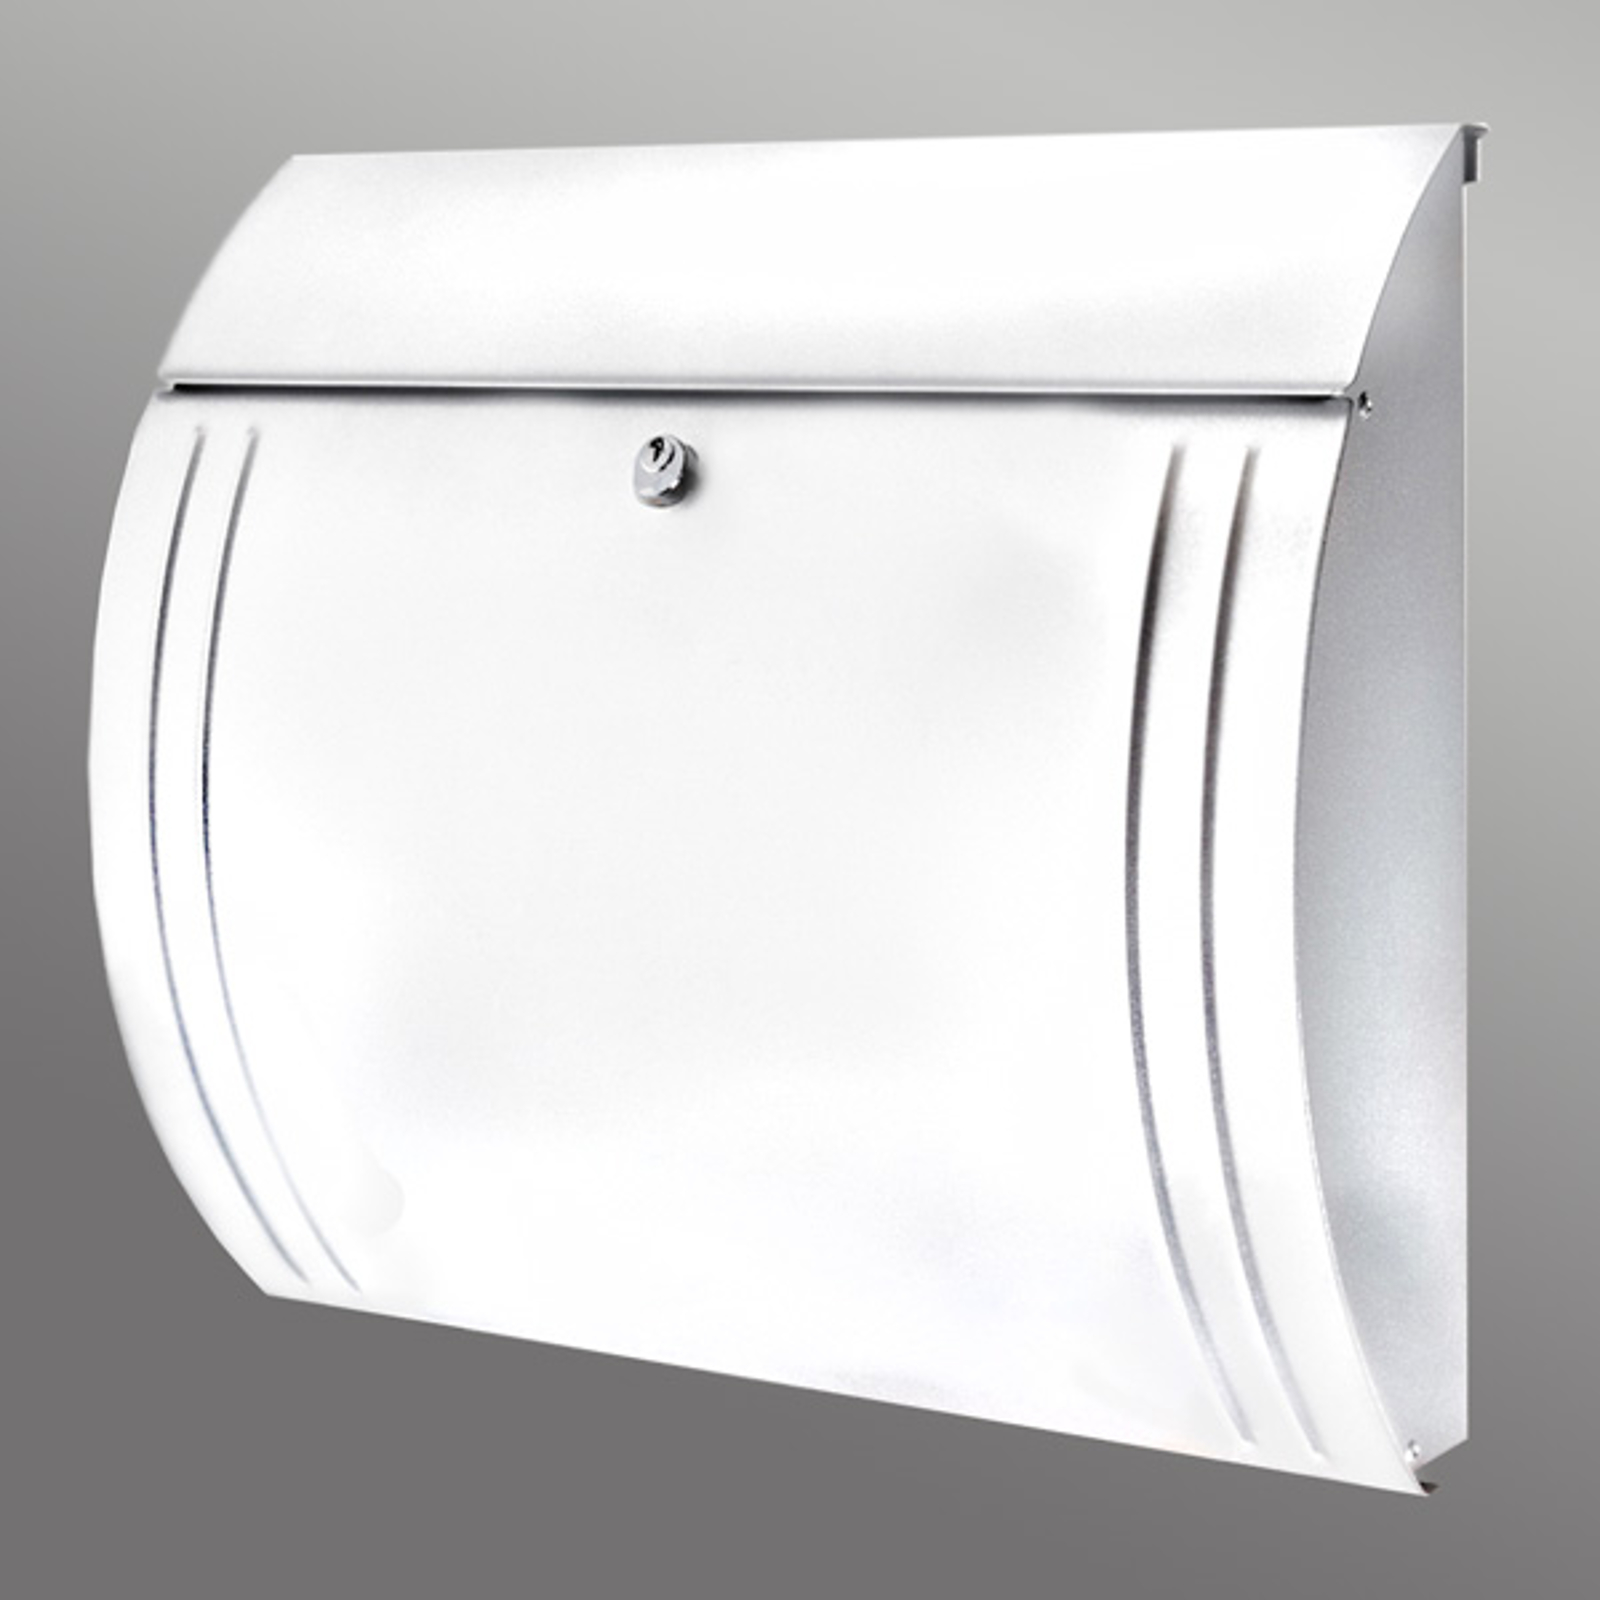 MODENA postkasse i stål med en smuk form, hvid